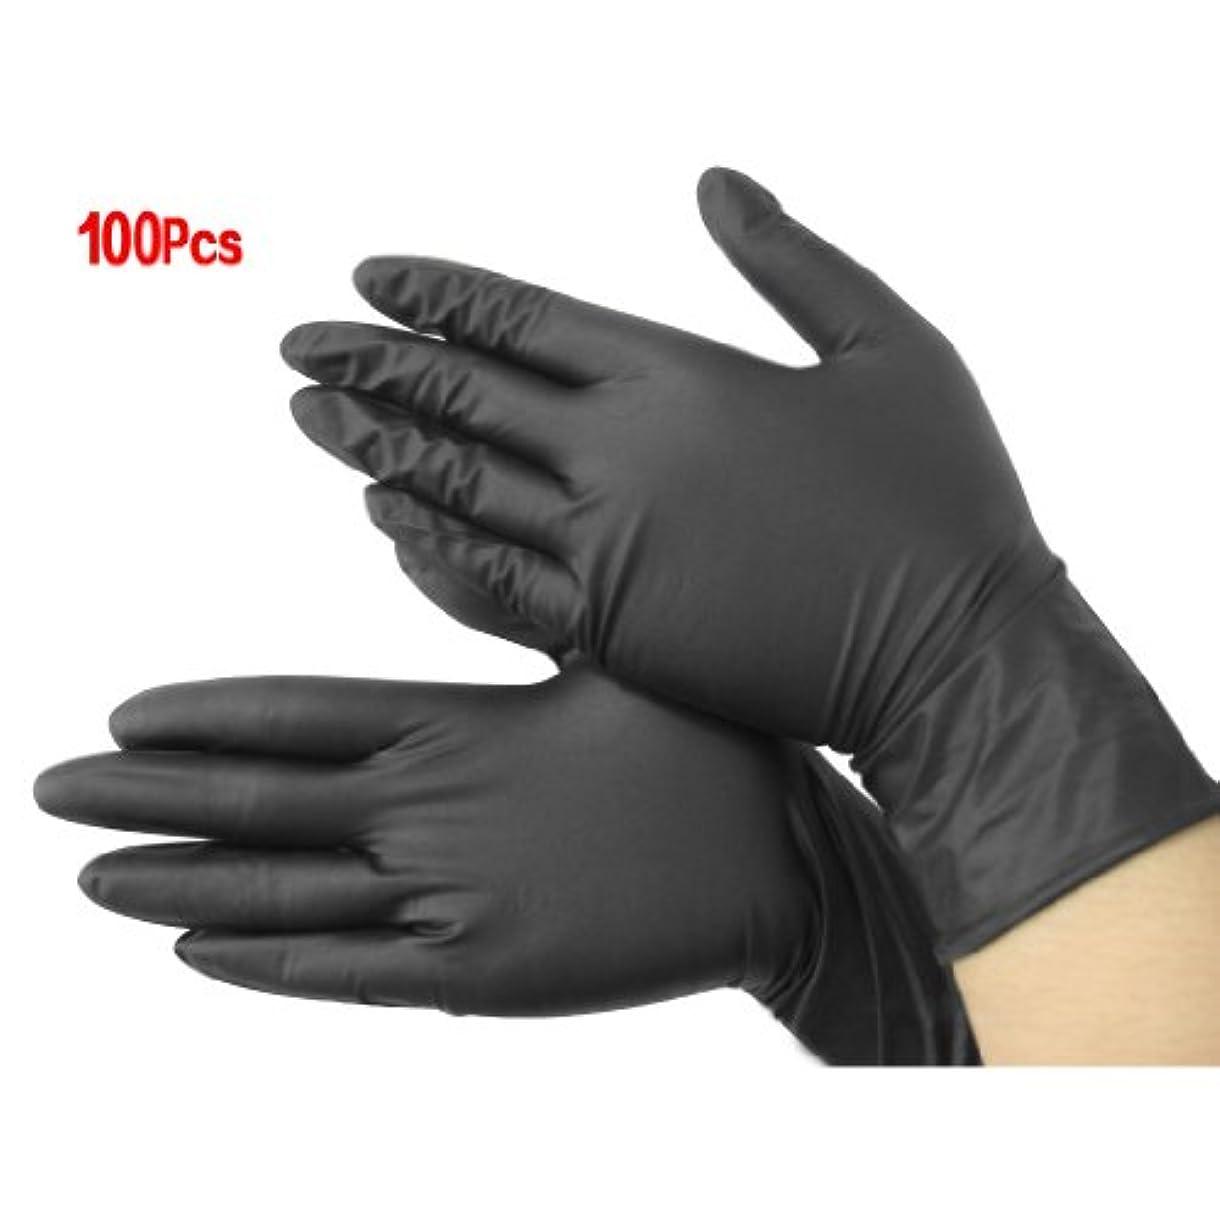 薬縁石六月手袋,SODIAL(R)黒いニトリル使い捨てクール手袋 パワーフリーX100 - 入れ墨 - メカニック 新しい